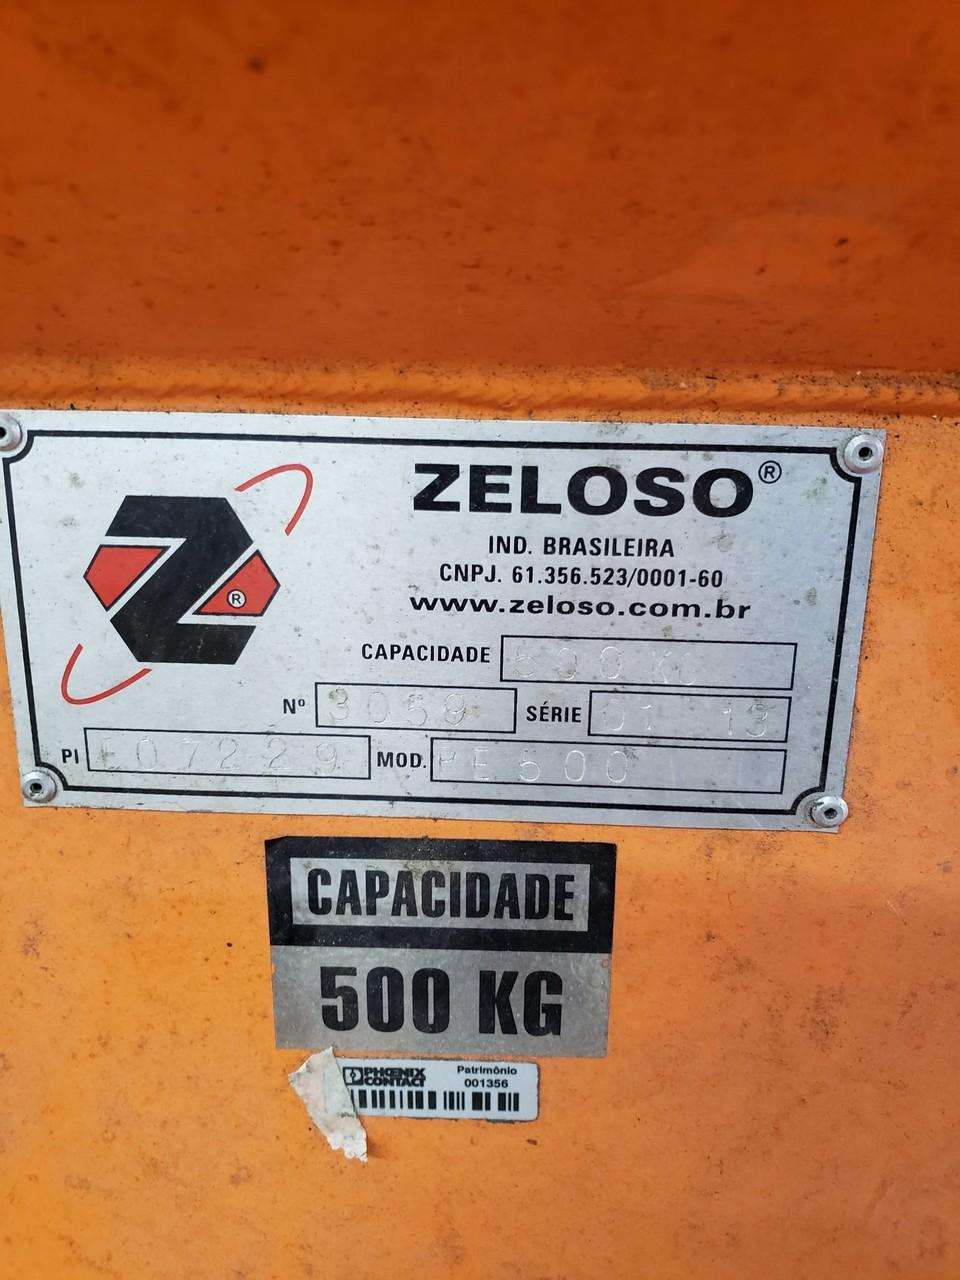 Carro Plataforma Hidraulico Manual, Capacidade 500Kg, Modelo PE500, Altura de elevação 1600mm, plataforma 800x800, marca Zeloso - (Usado)  - Atlasmaq